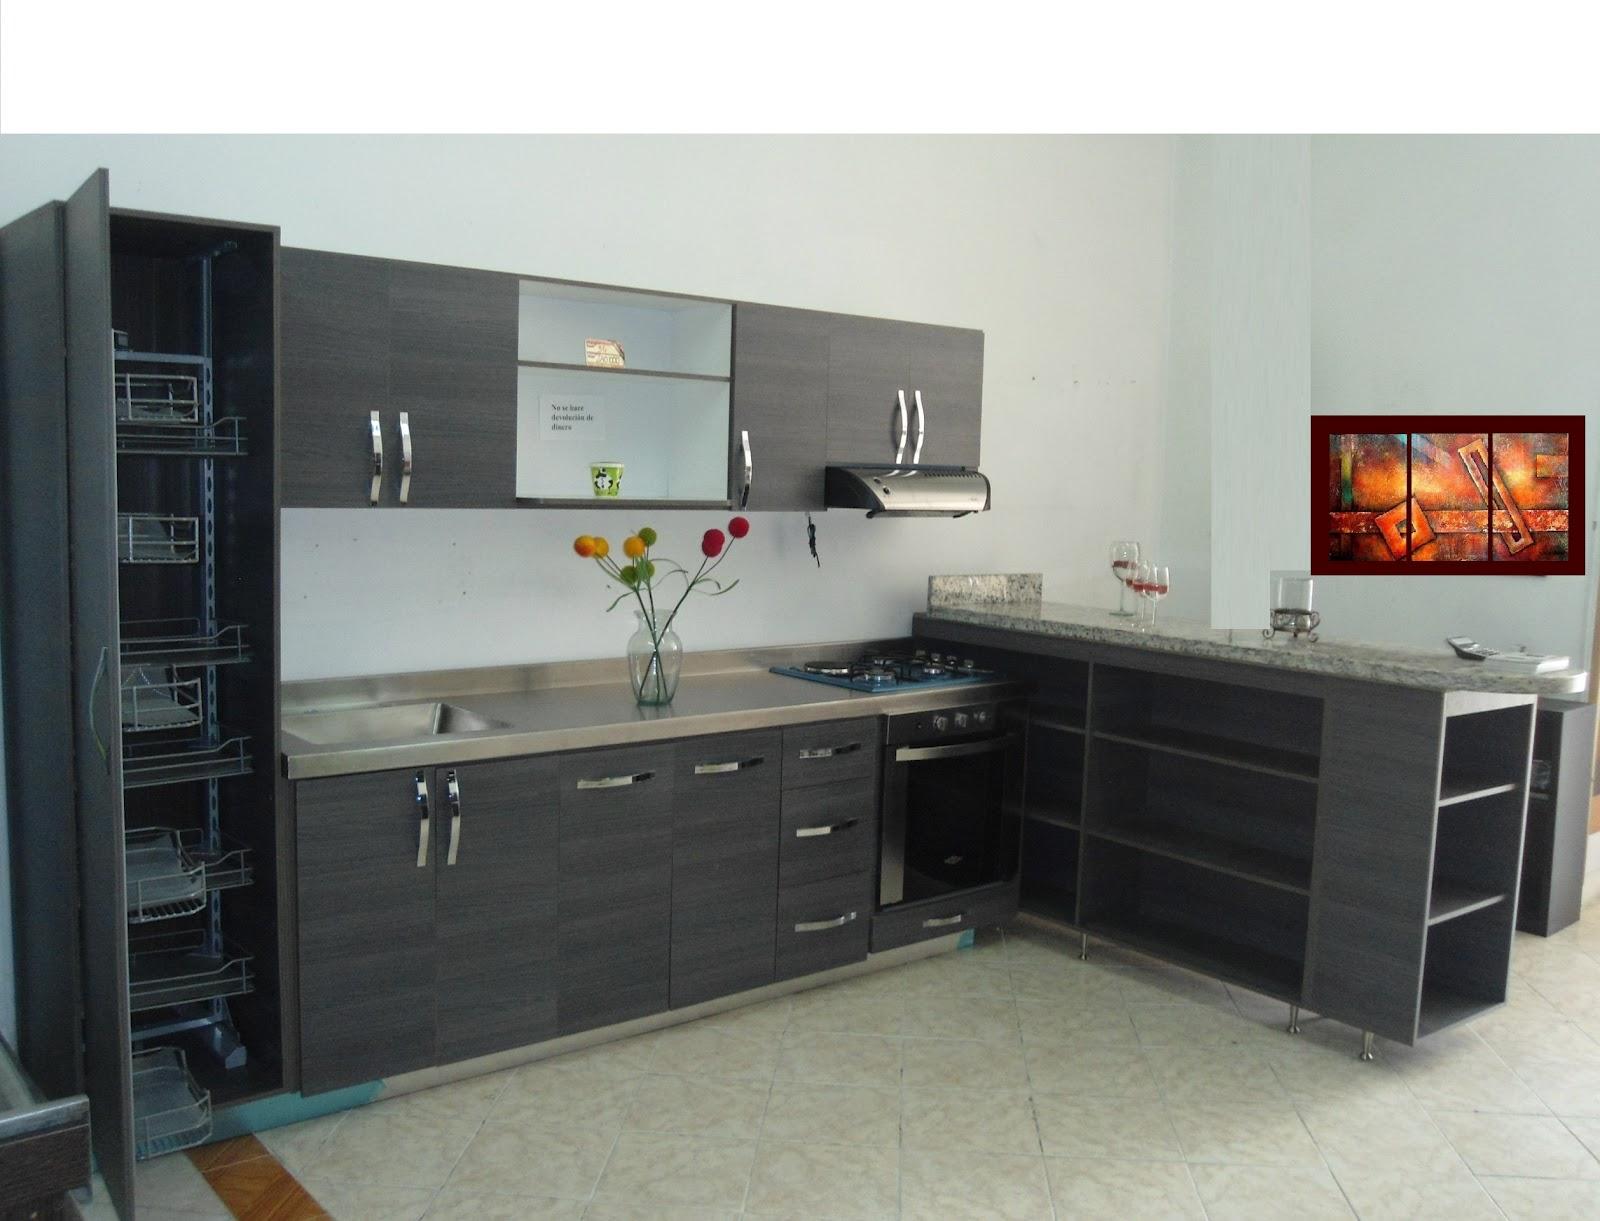 Cocinas del norte cocinas modernas for Cocinas modernas fotos cocinas integrales